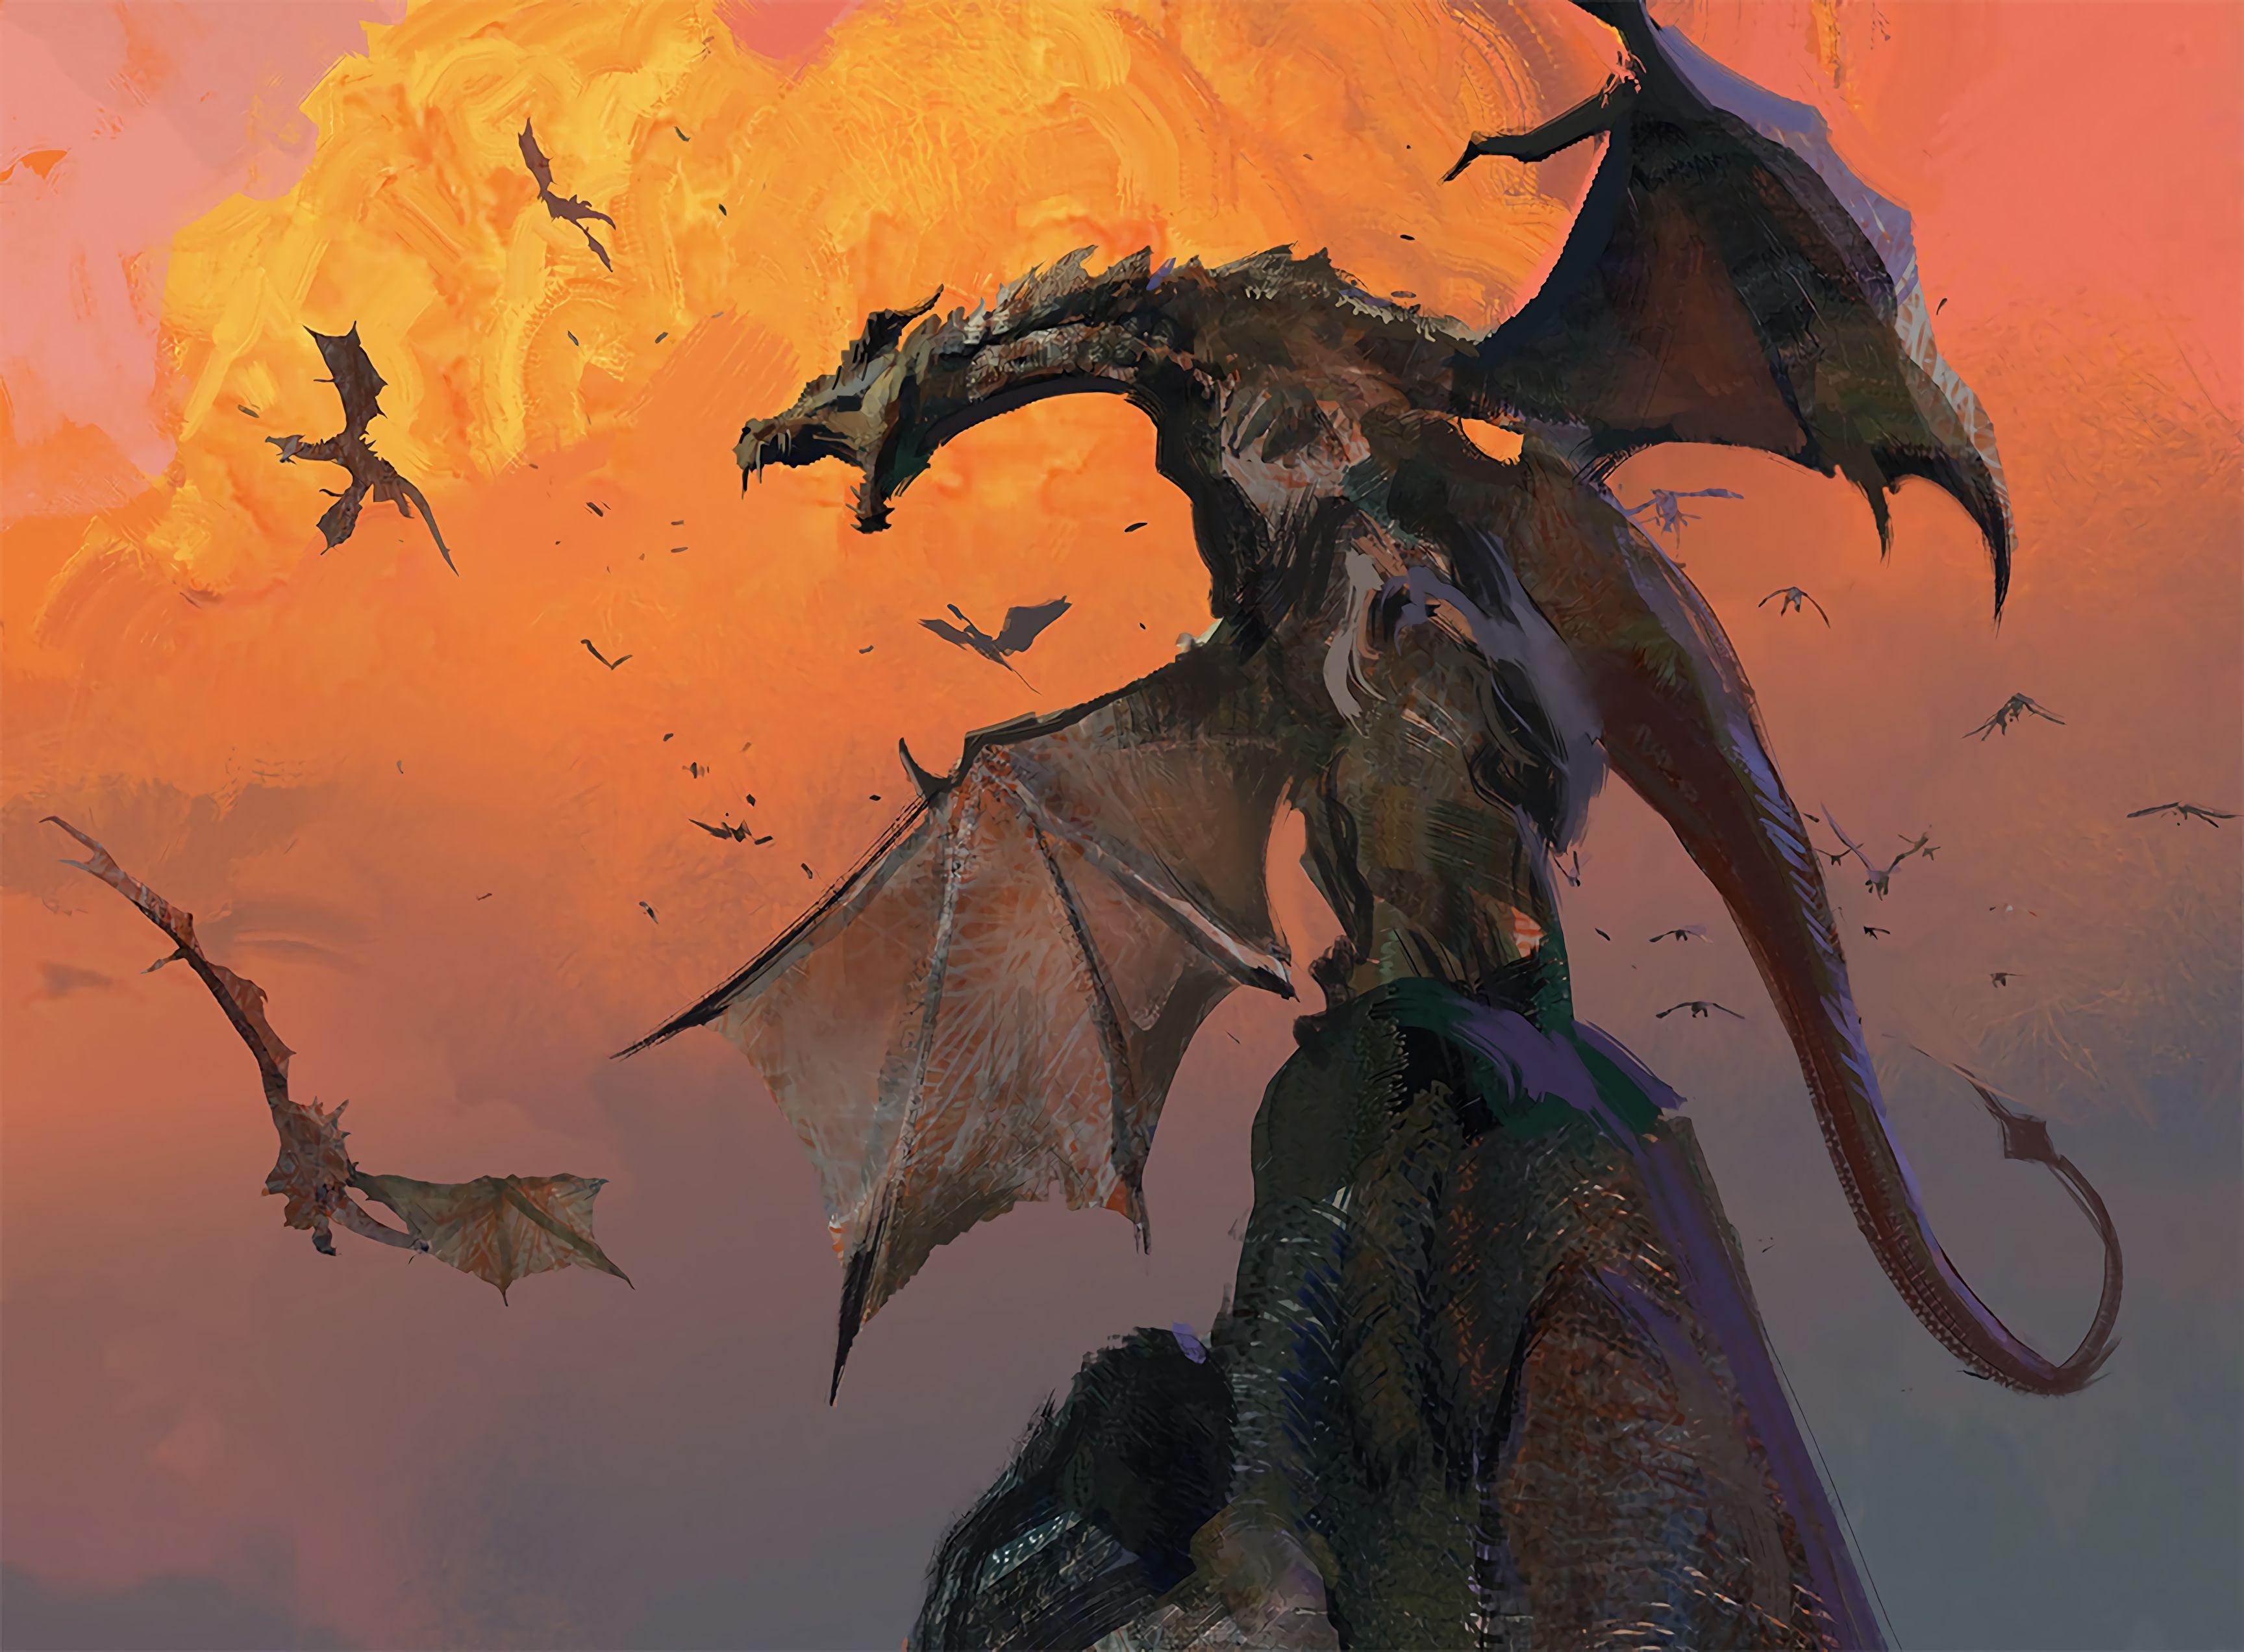 123967 Hintergrundbild herunterladen Kunst, Grinsen, Grin, Hügel, Flügel, Der Drache, Drachen, Hill, Schlacht - Bildschirmschoner und Bilder kostenlos